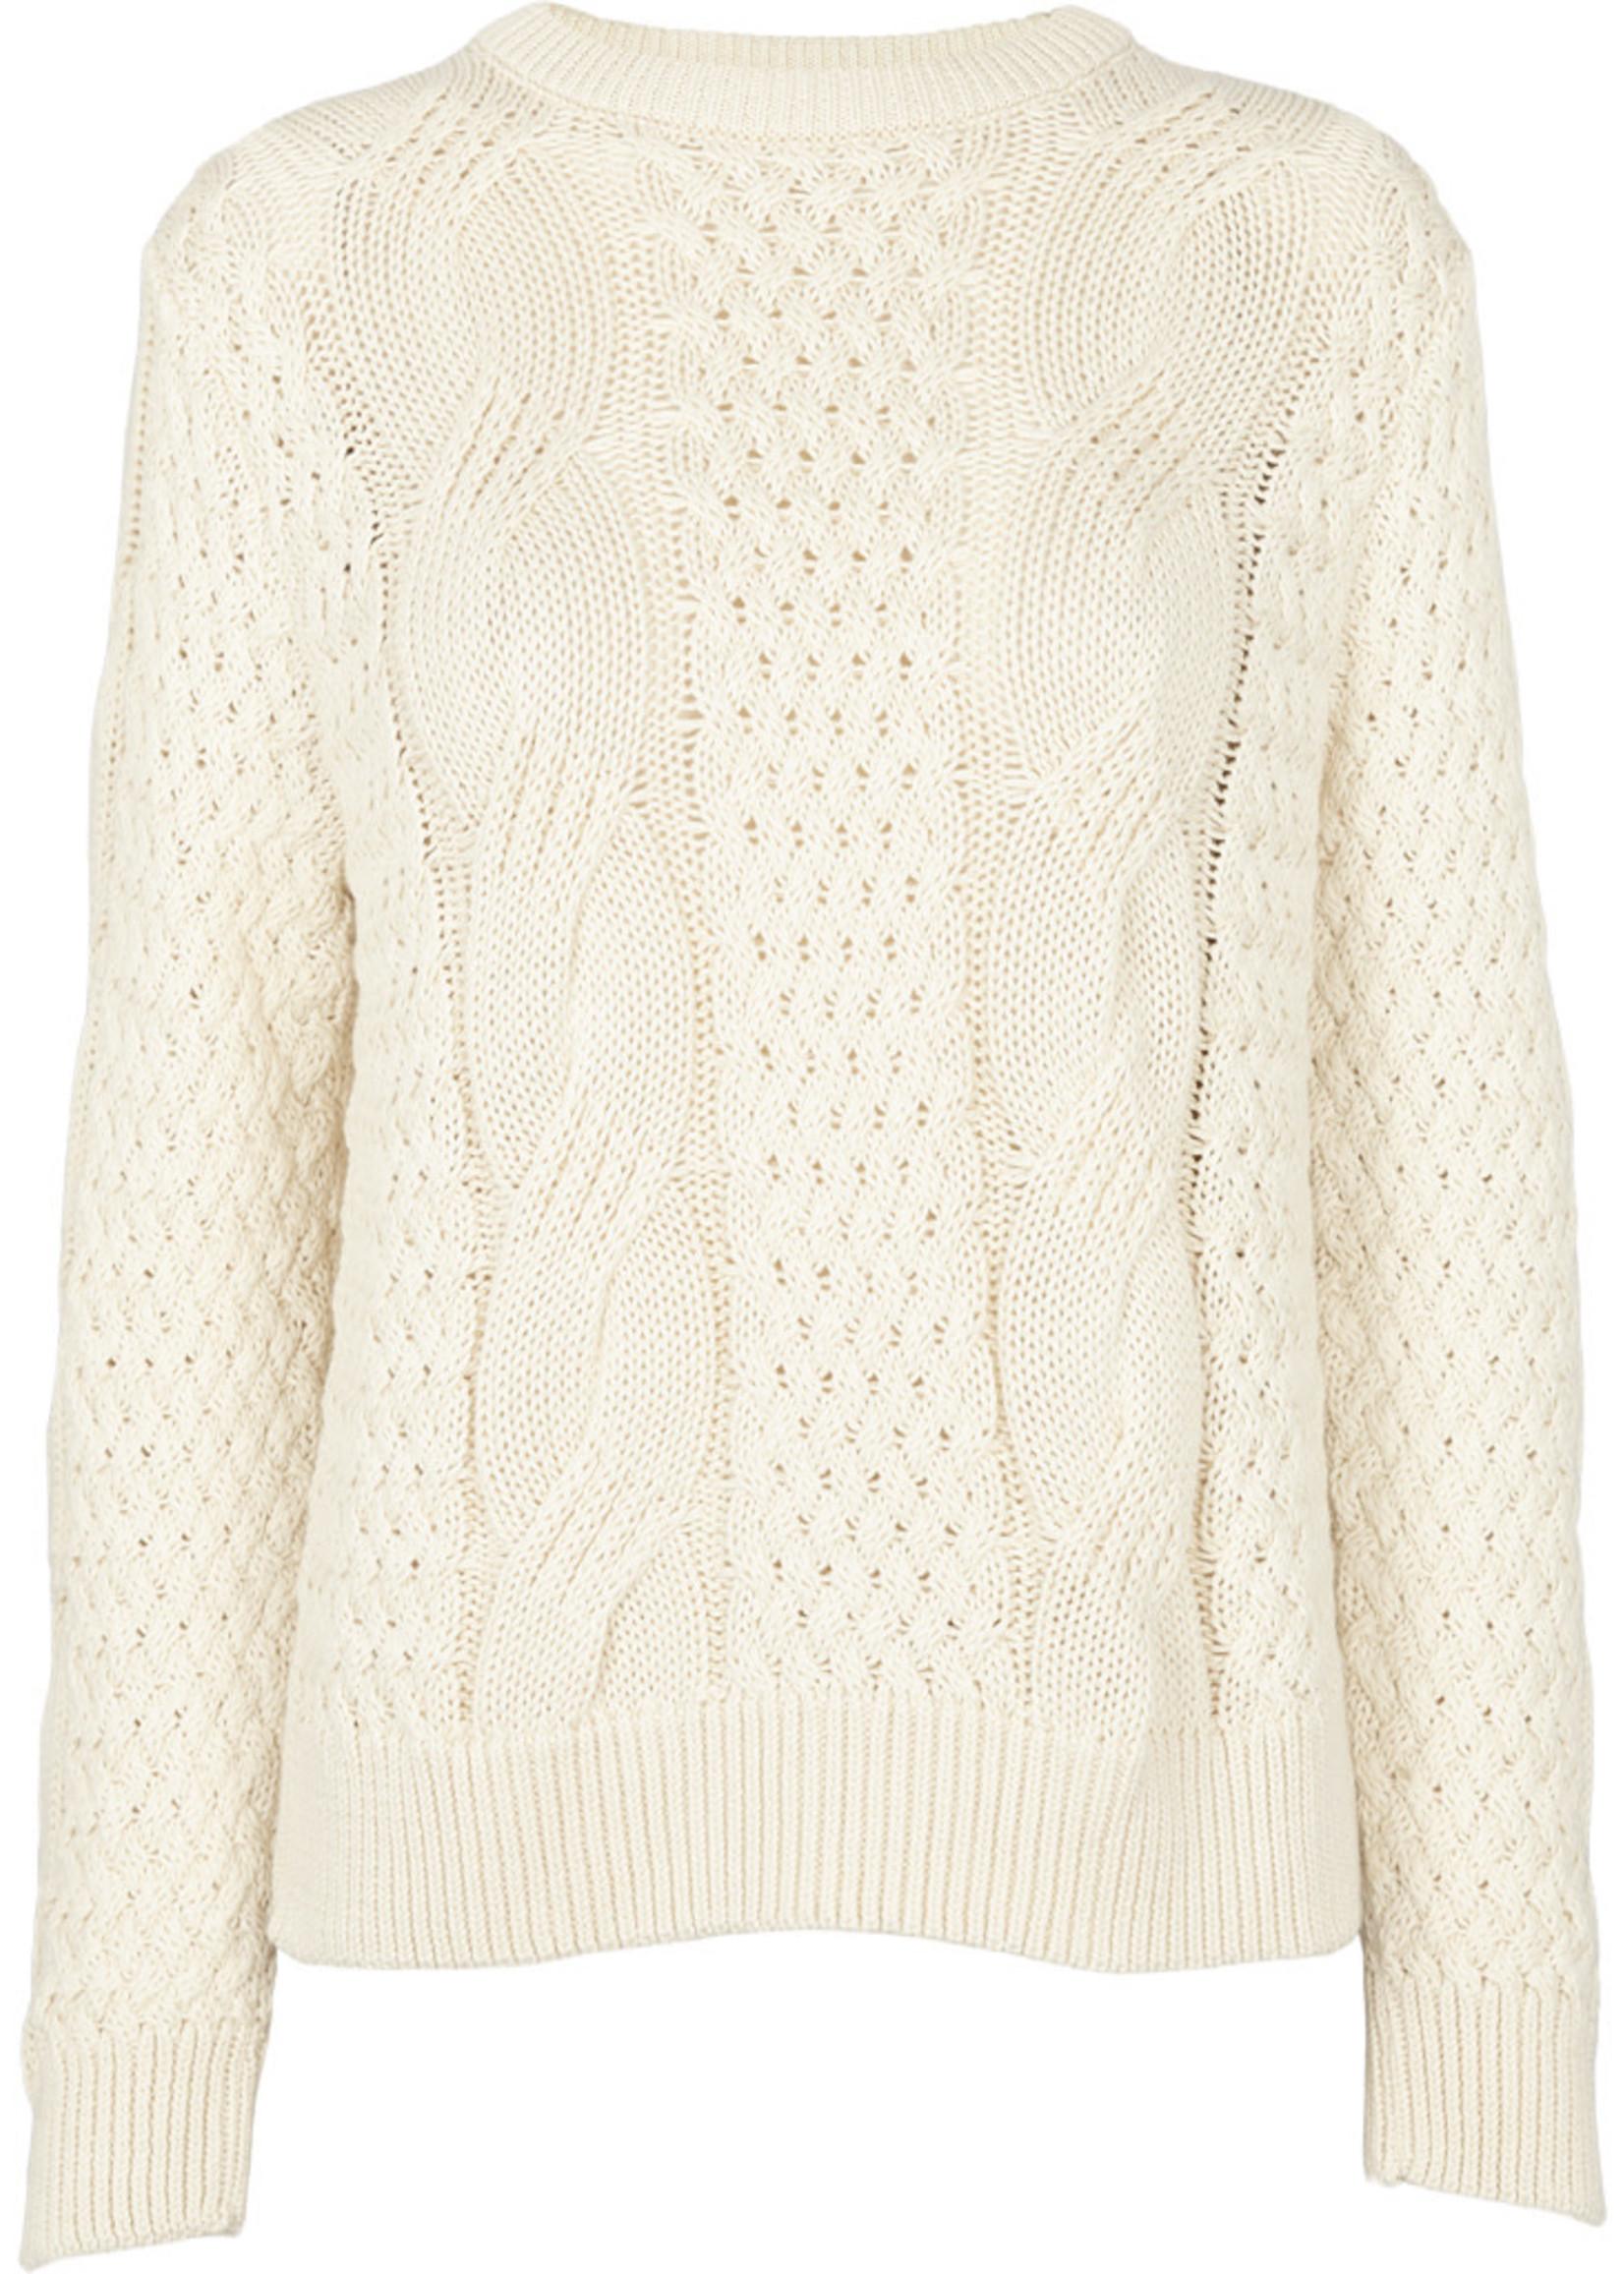 Basic Apparel Gina Sweater